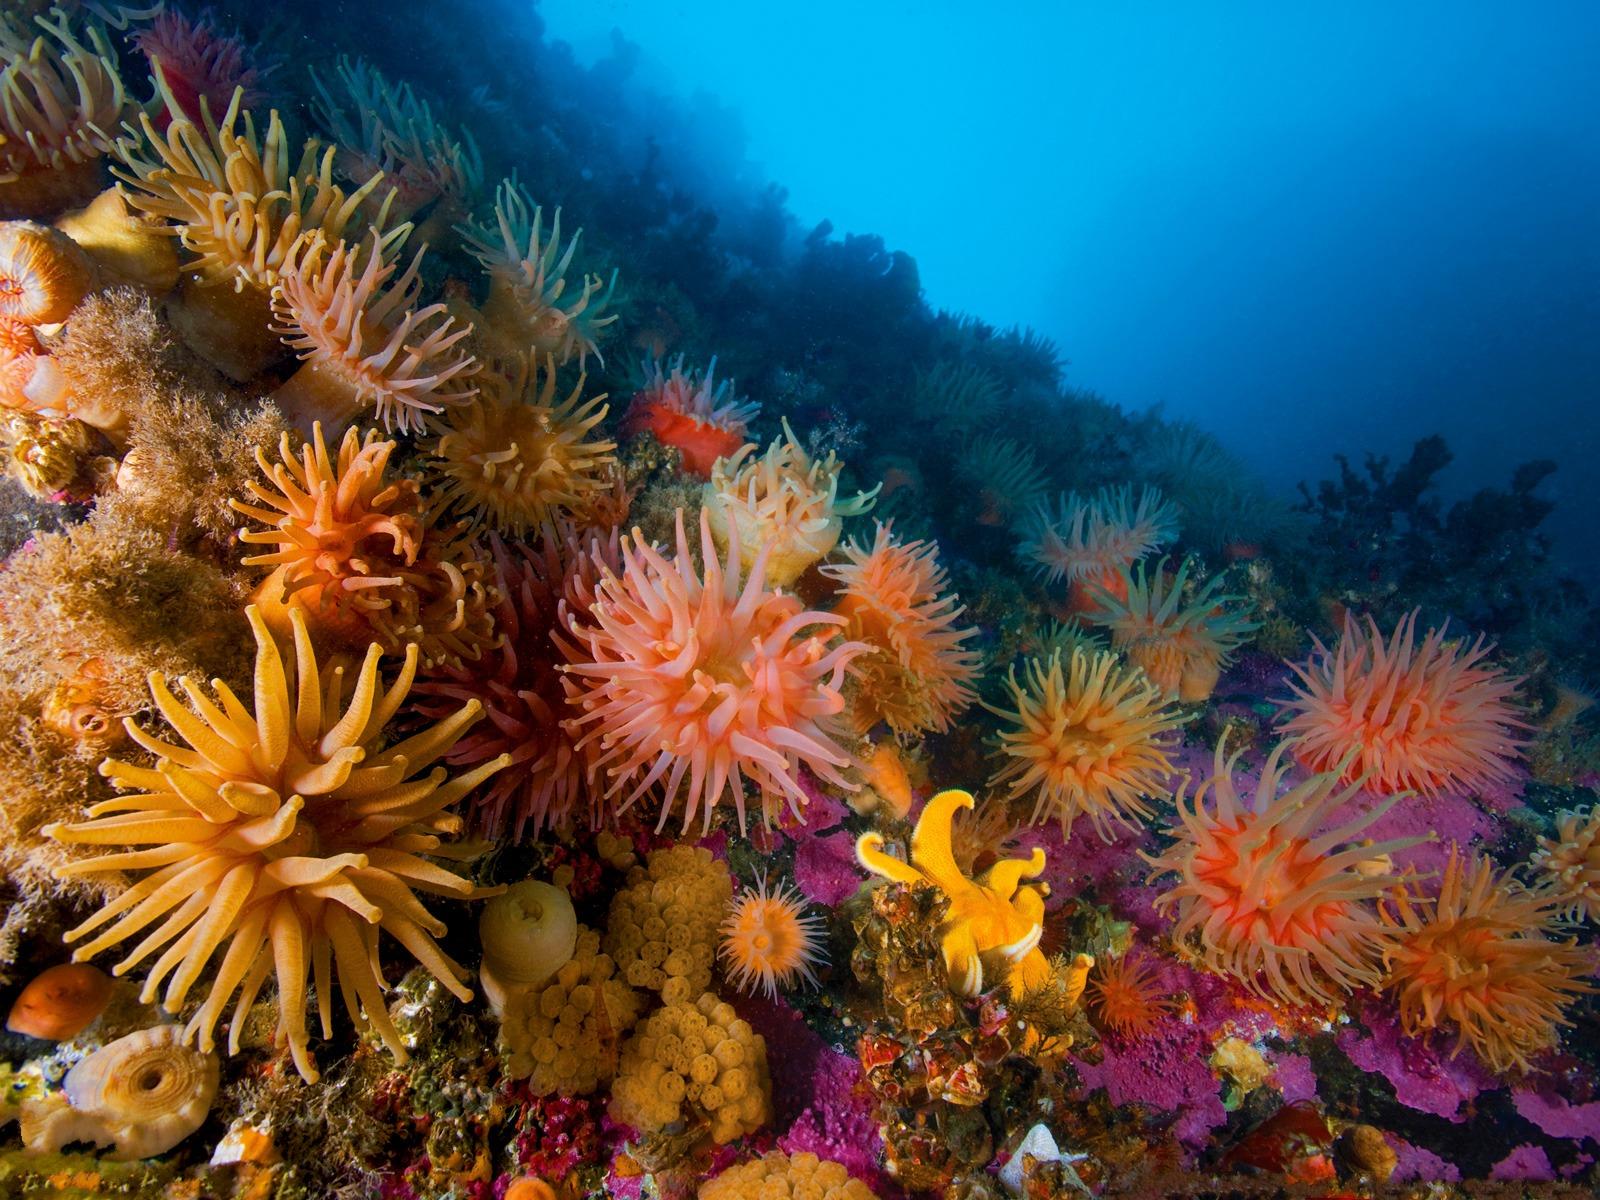 решила красивые фотографии морского дна тут виде арки